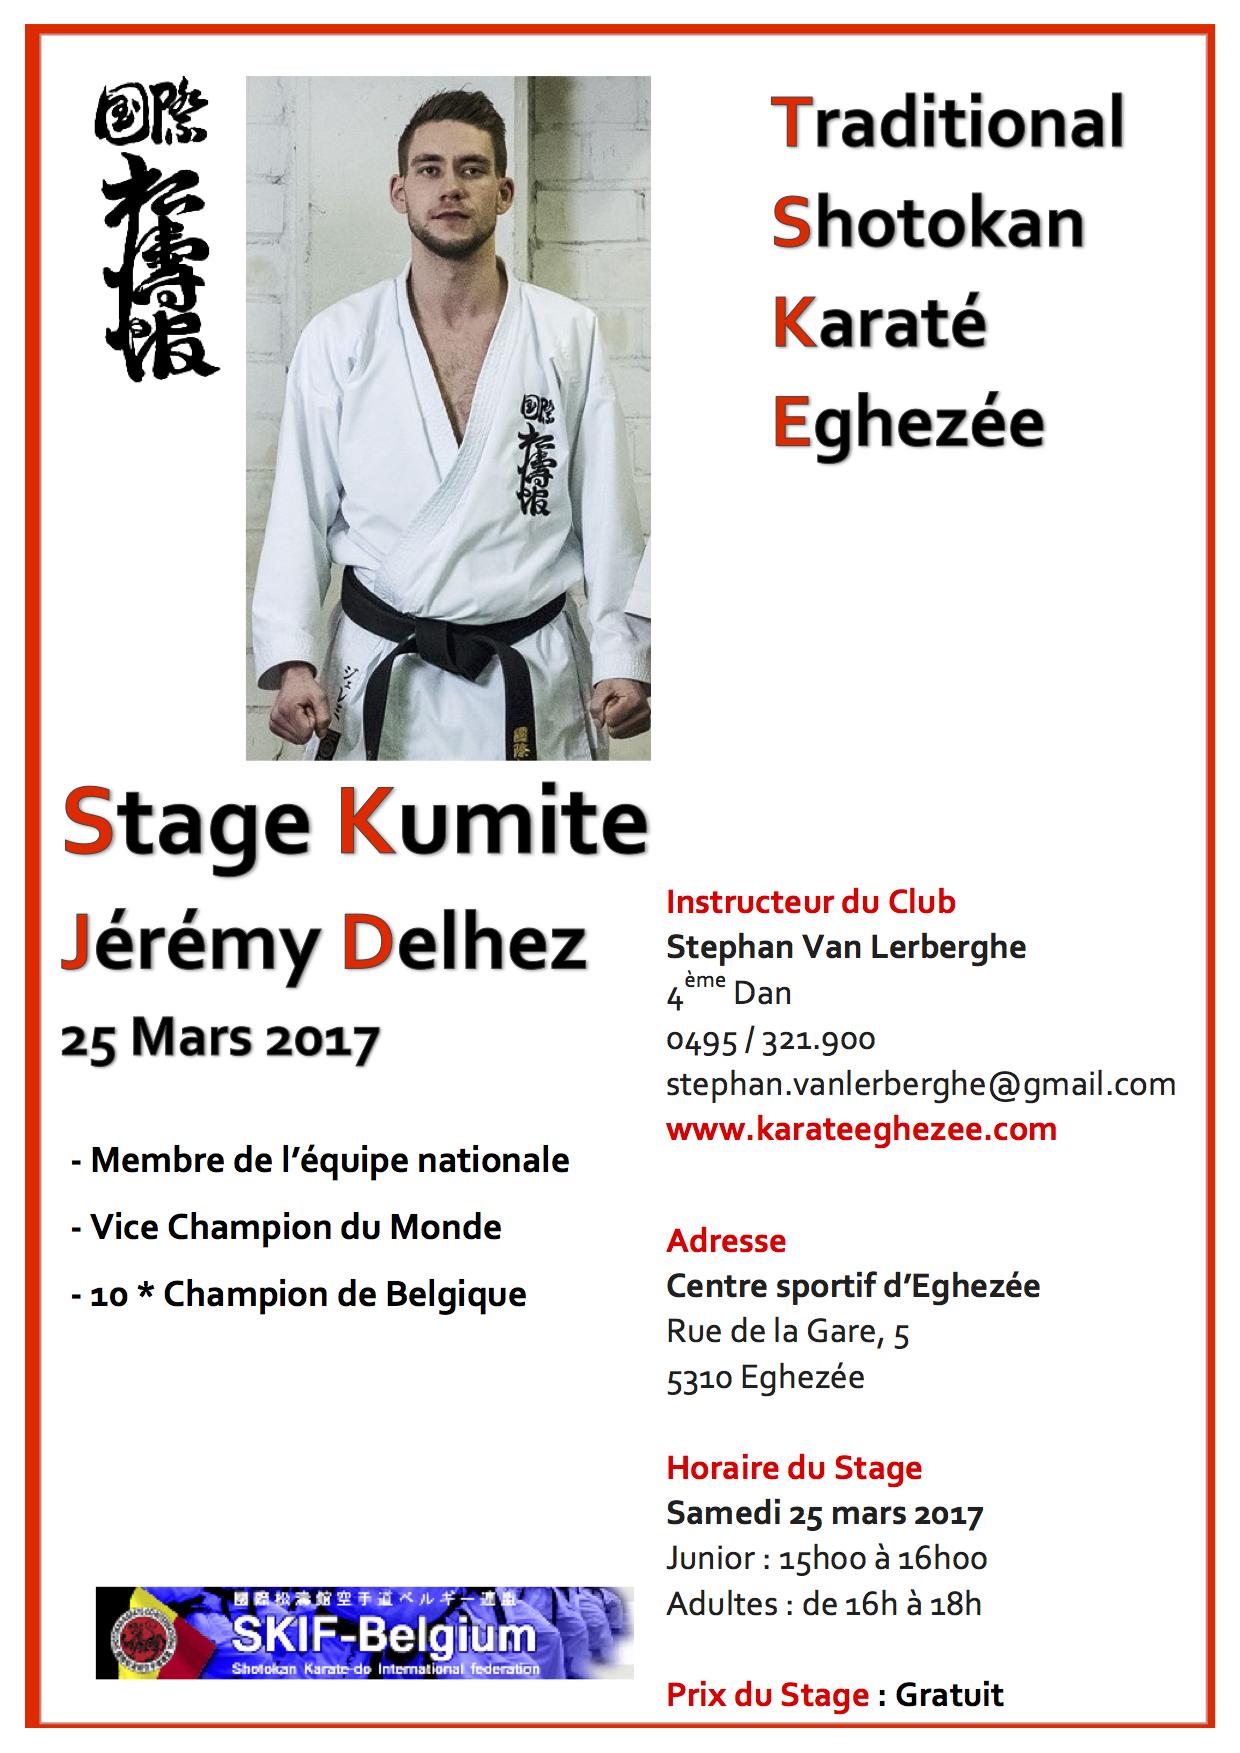 Affiche de stage jeremy delhez 23 mars 2017